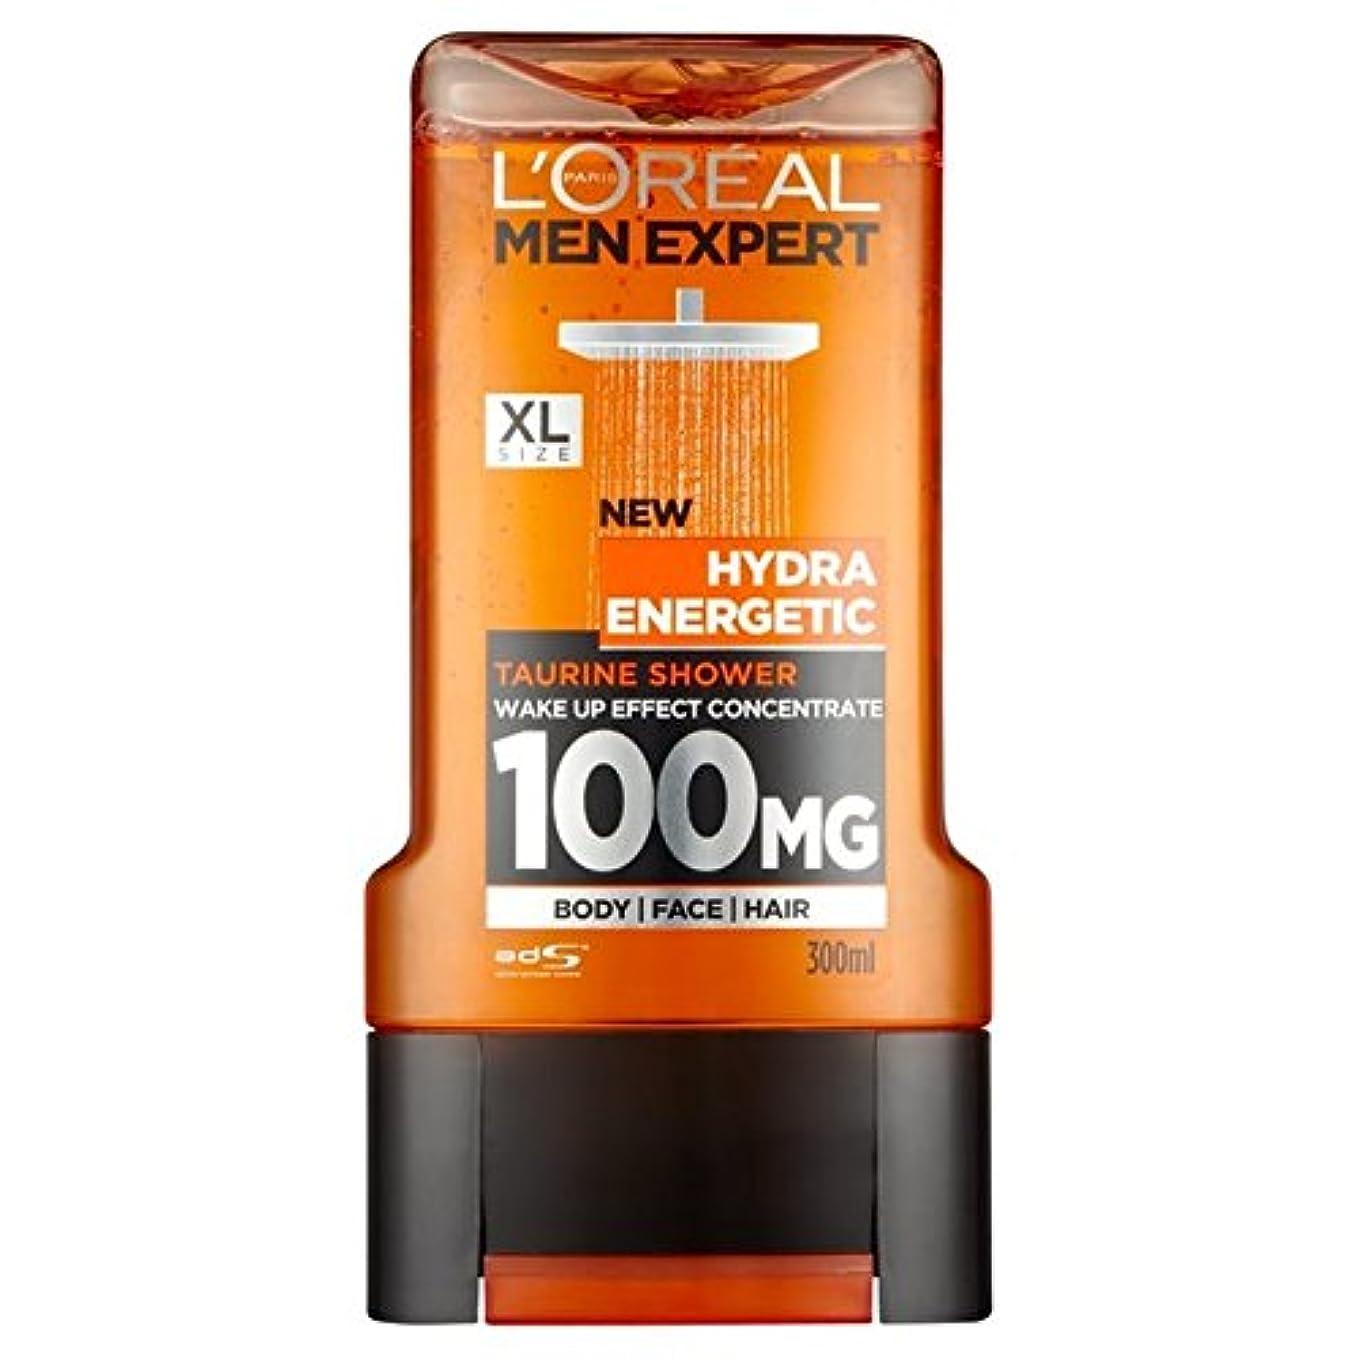 再集計傾向検出器ロレアルパリのメンズ専門家ヒドラエネルギッシュなシャワージェル300ミリリットル x2 - L'Oreal Paris Men Expert Hydra Energetic Shower Gel 300ml (Pack...